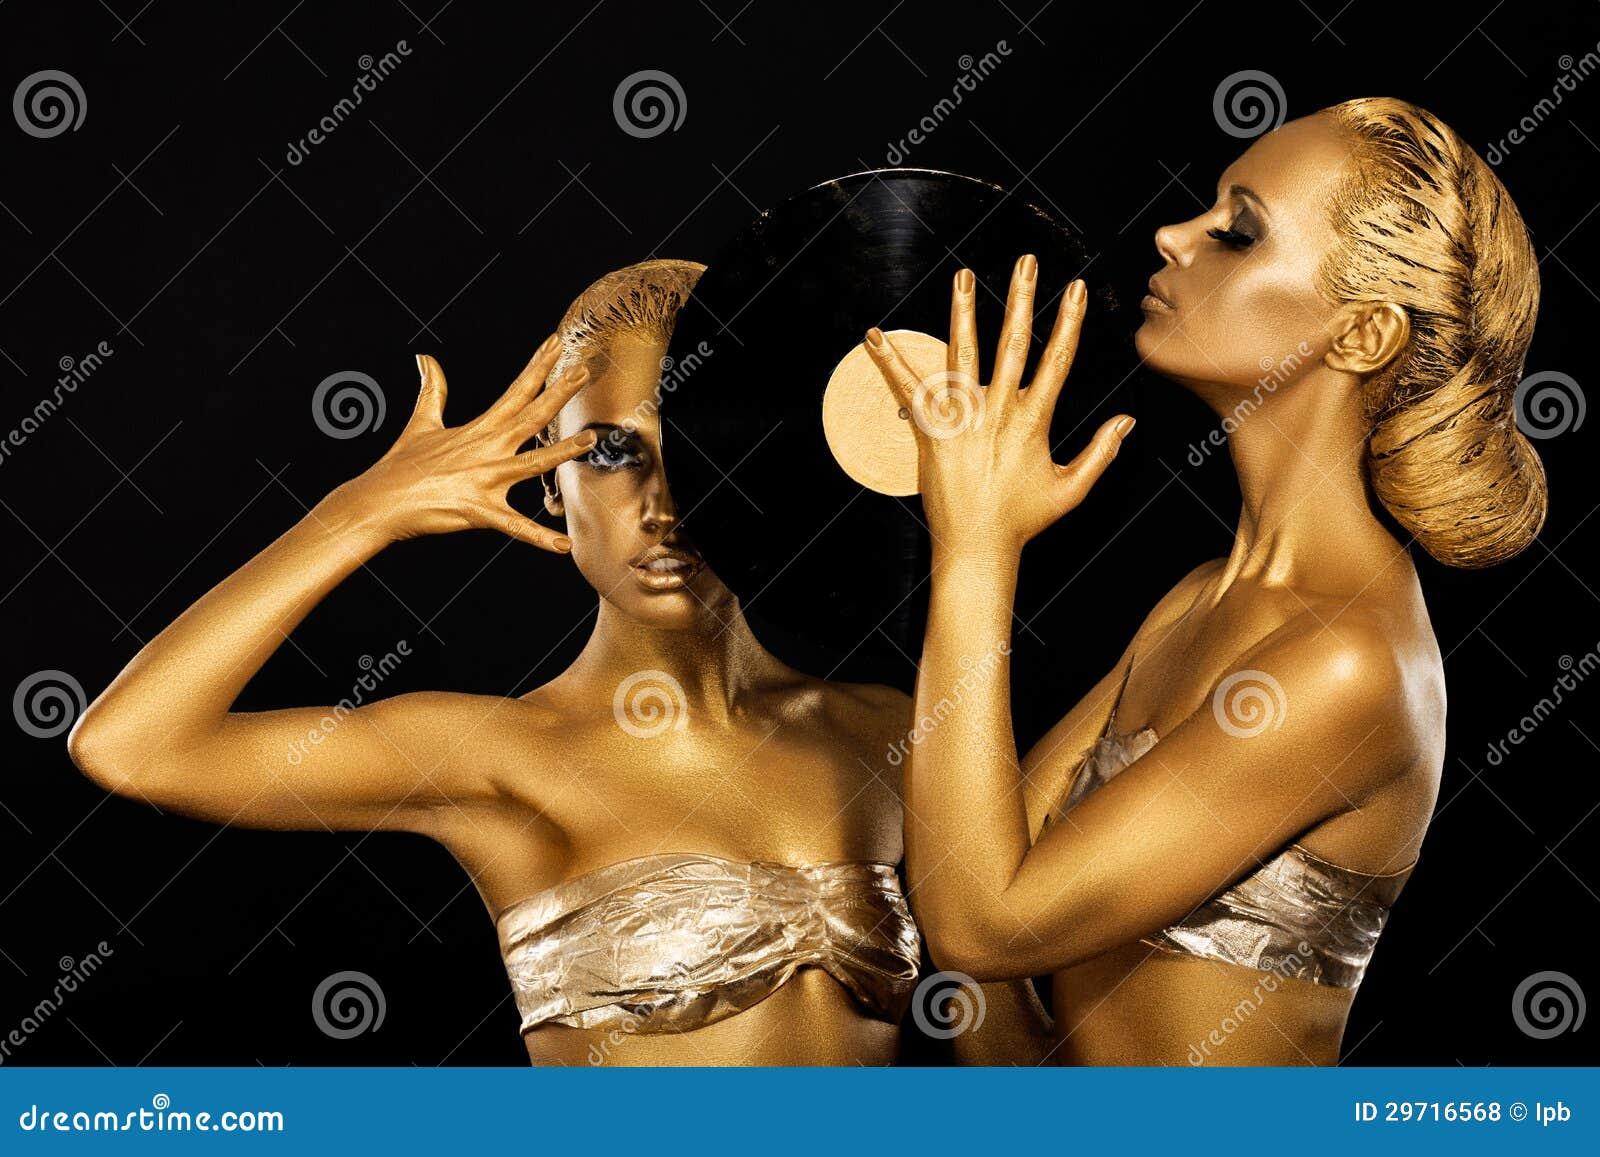 Fetiche. Mulheres DJs que guardara o registro de vinil retro. Ouro fantástico Badyart. Desempenho